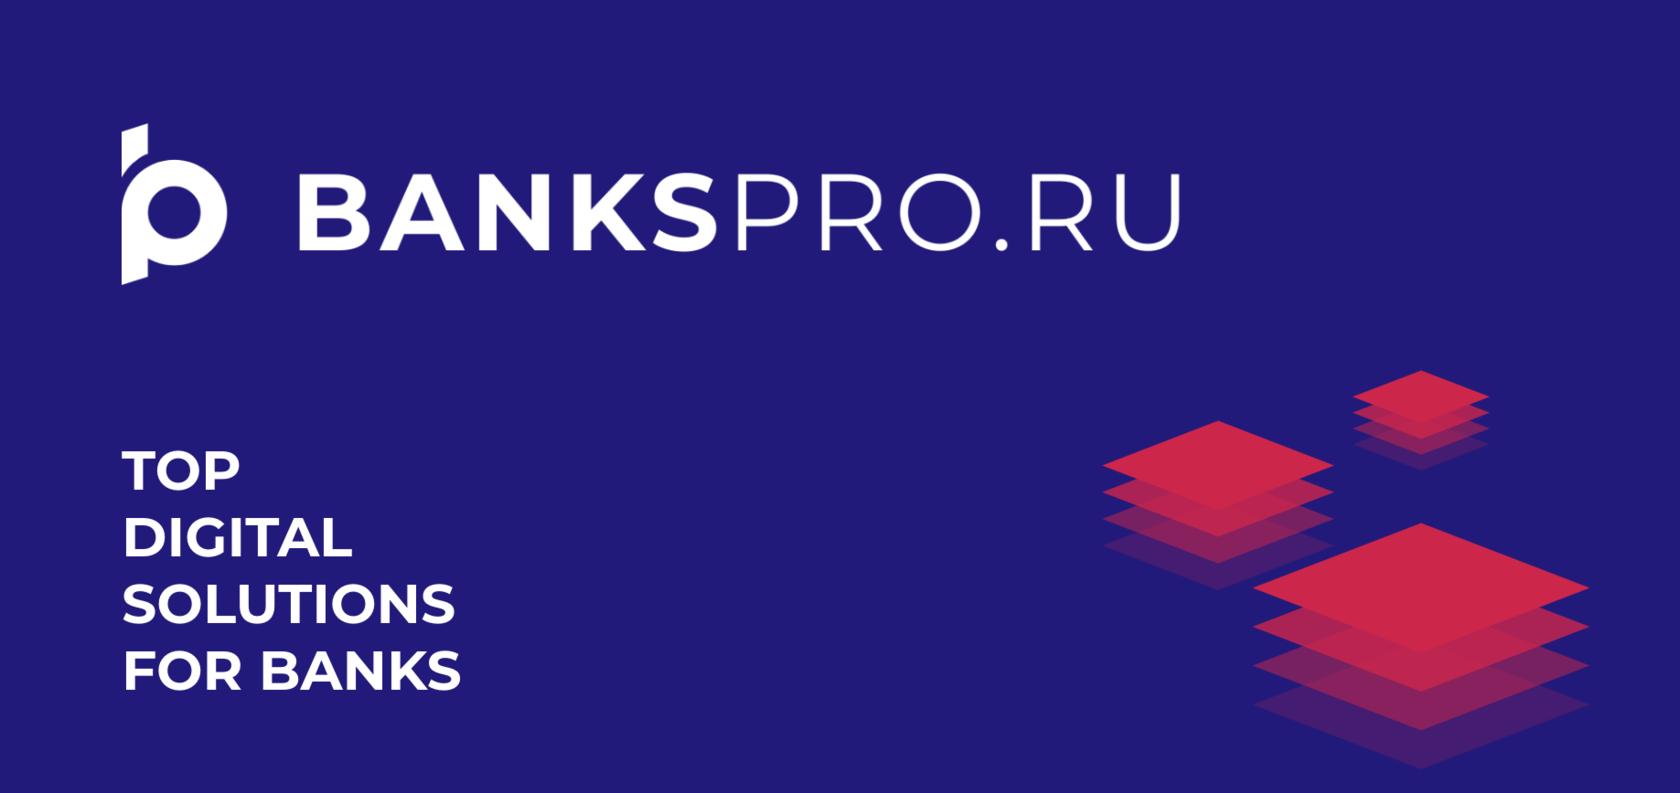 (c) Bankspro.ru